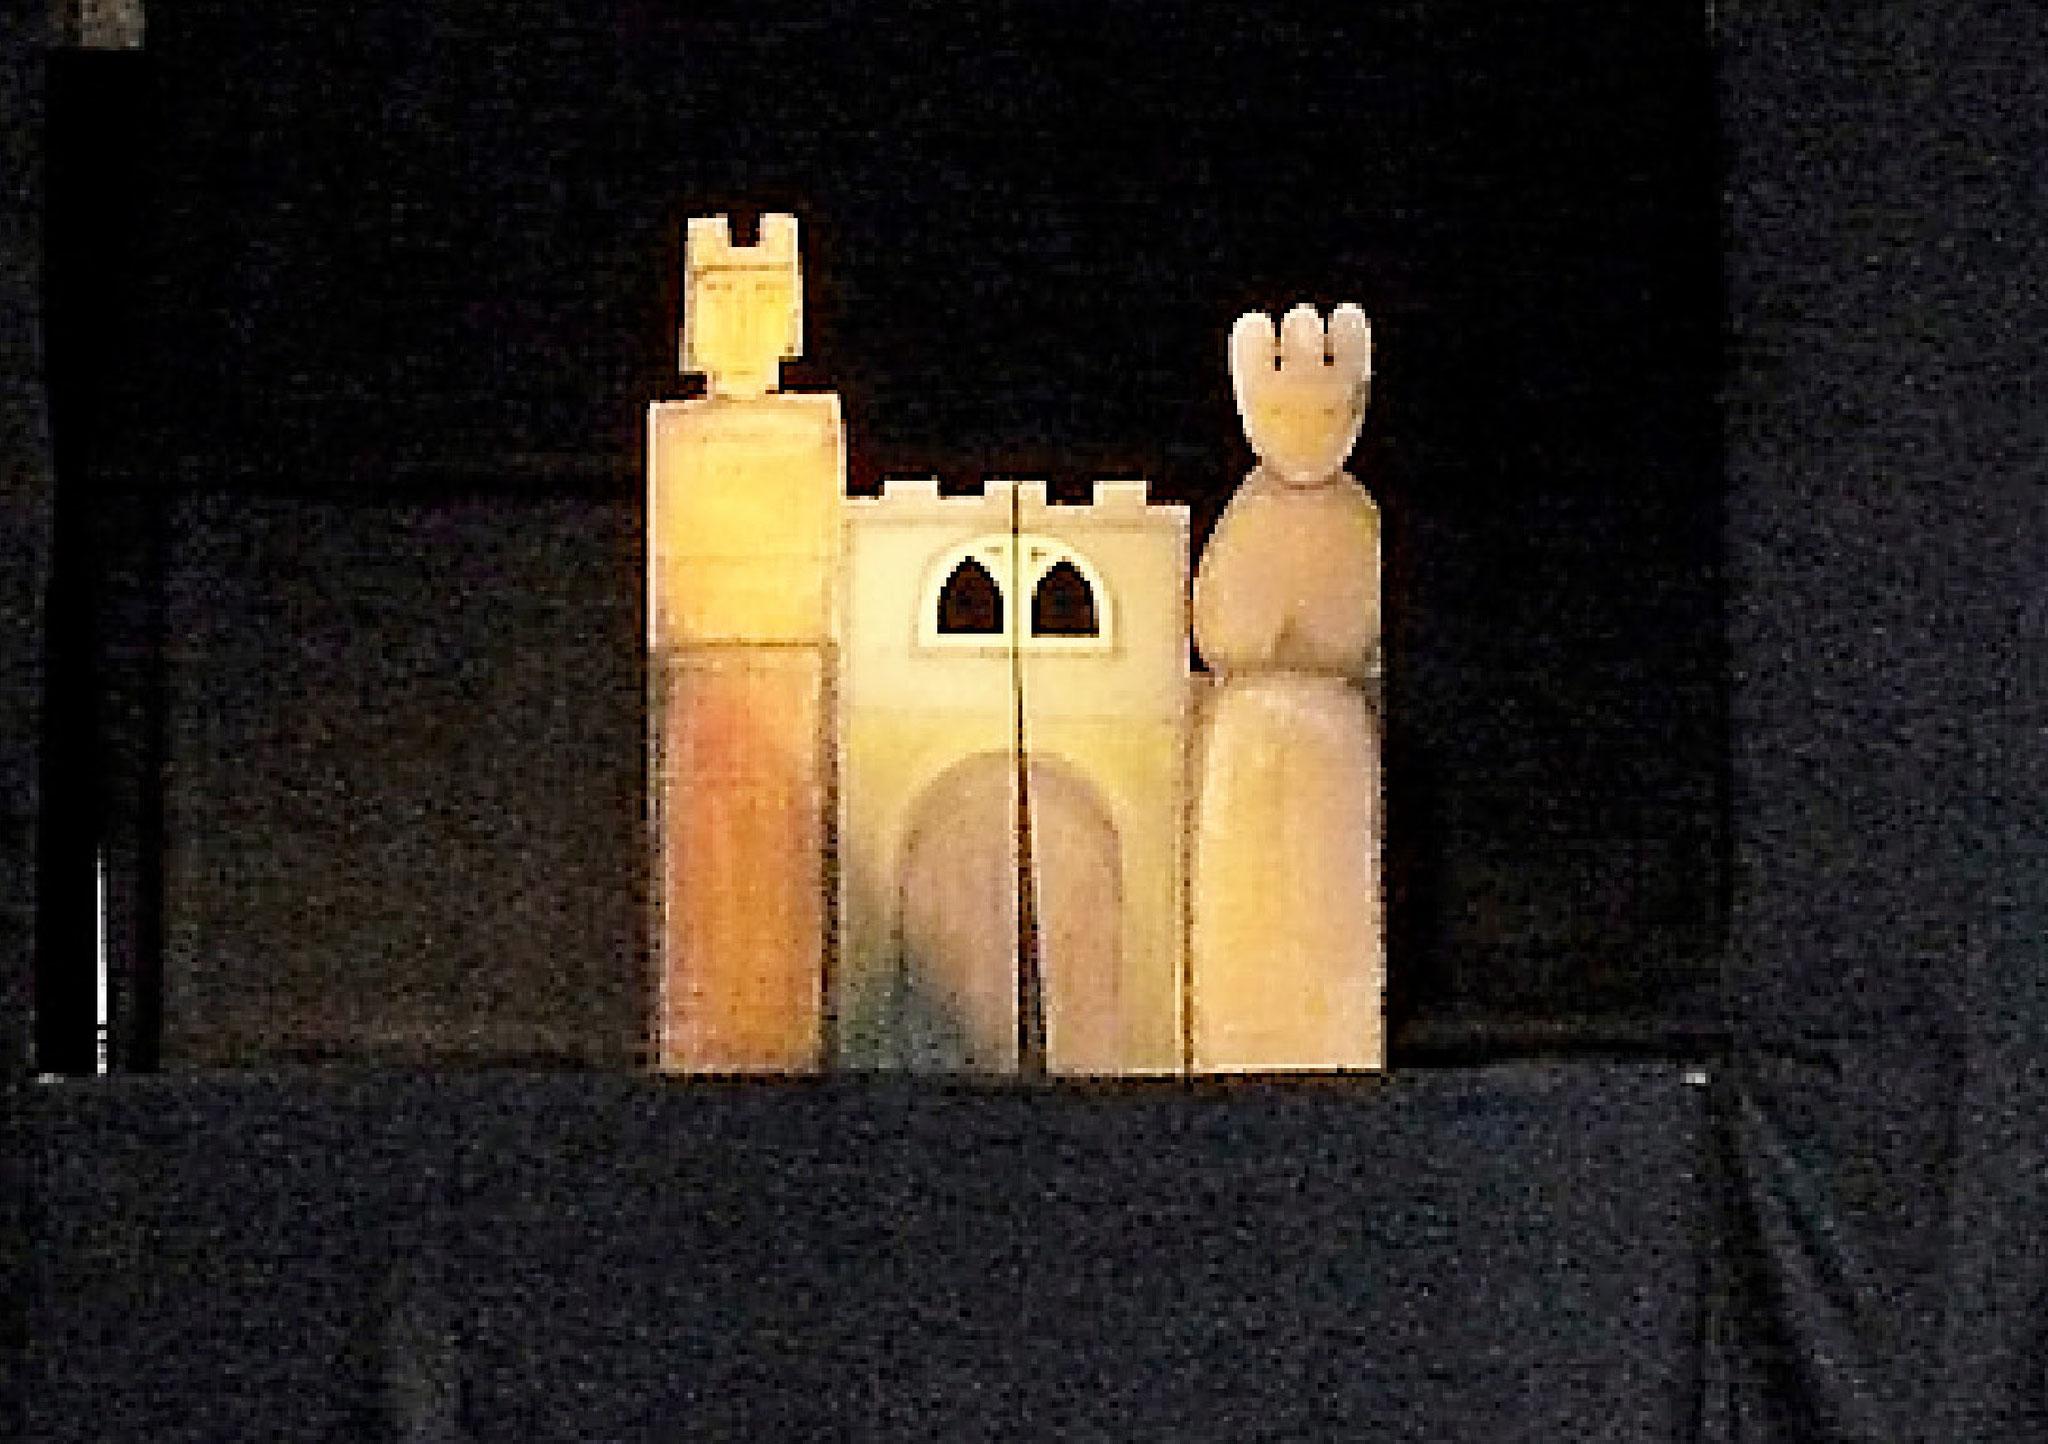 Das Eselein, erste Szene: Ein Königspaar hatte alles was es wollte, nur keine Kinder.